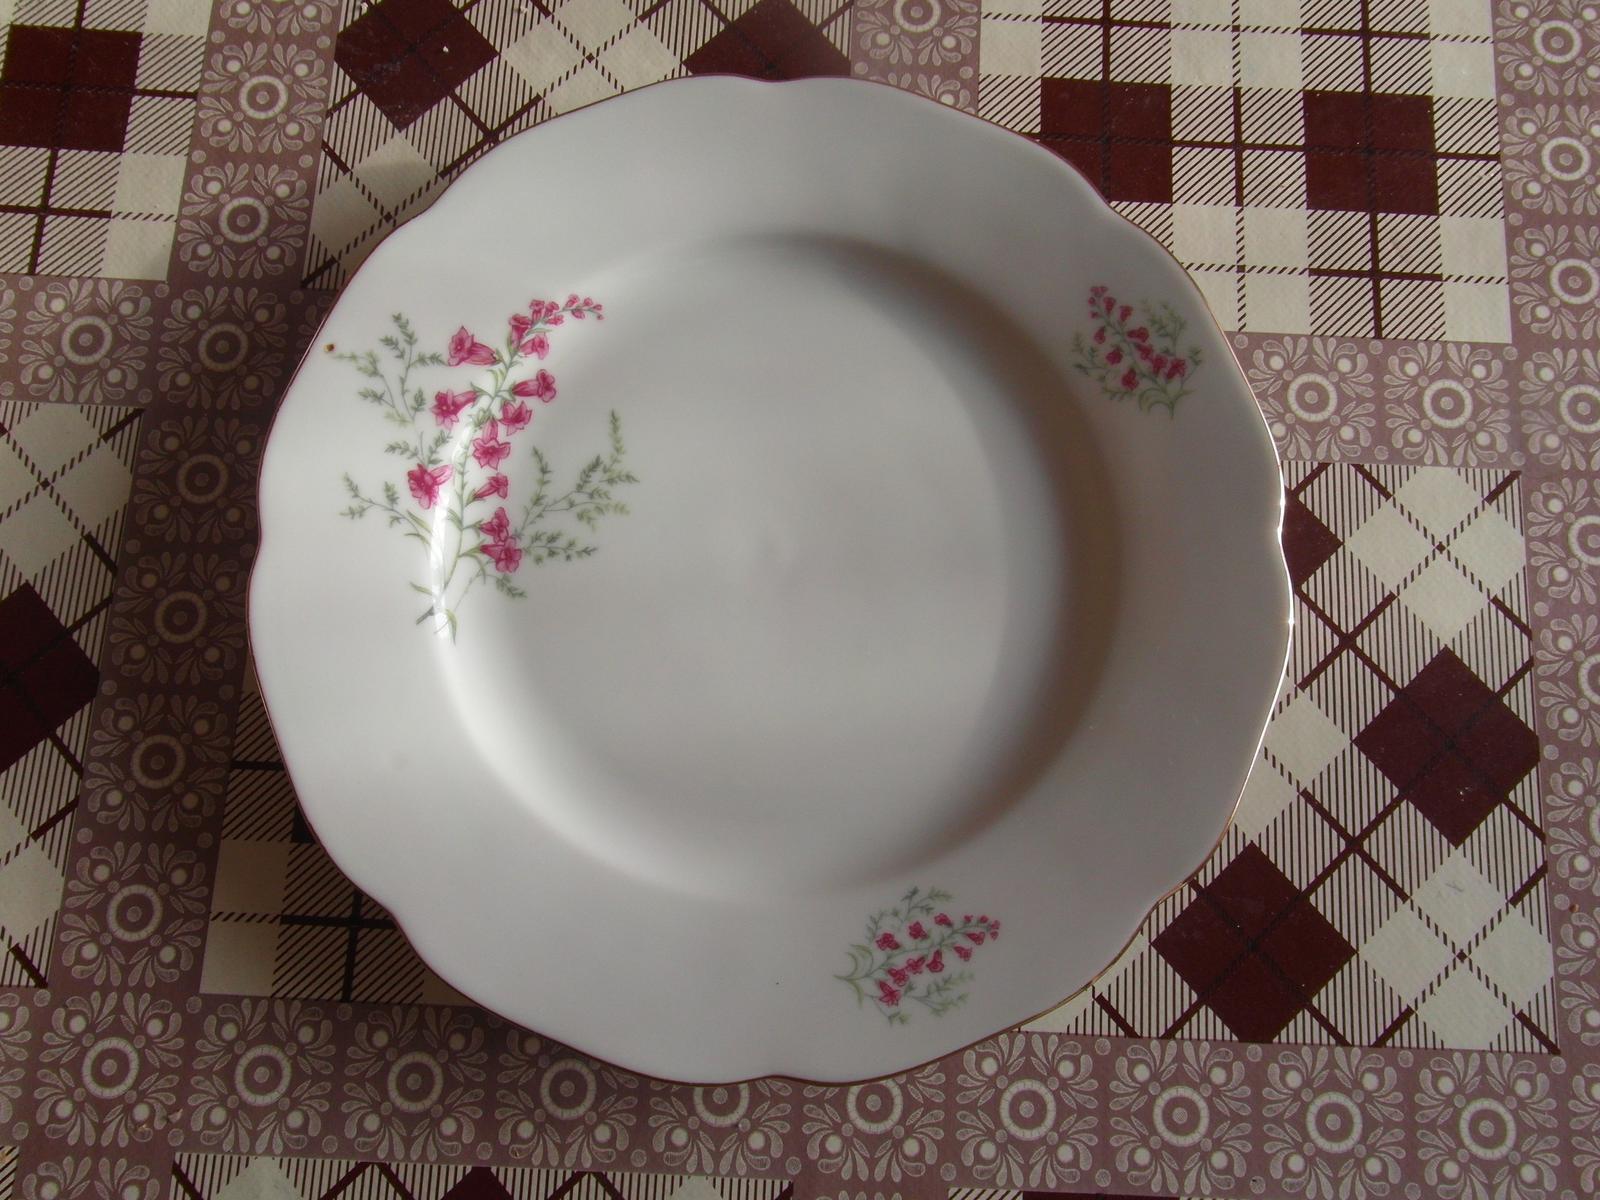 Porcelán - misky, taniere, šálky   - Obrázok č. 1